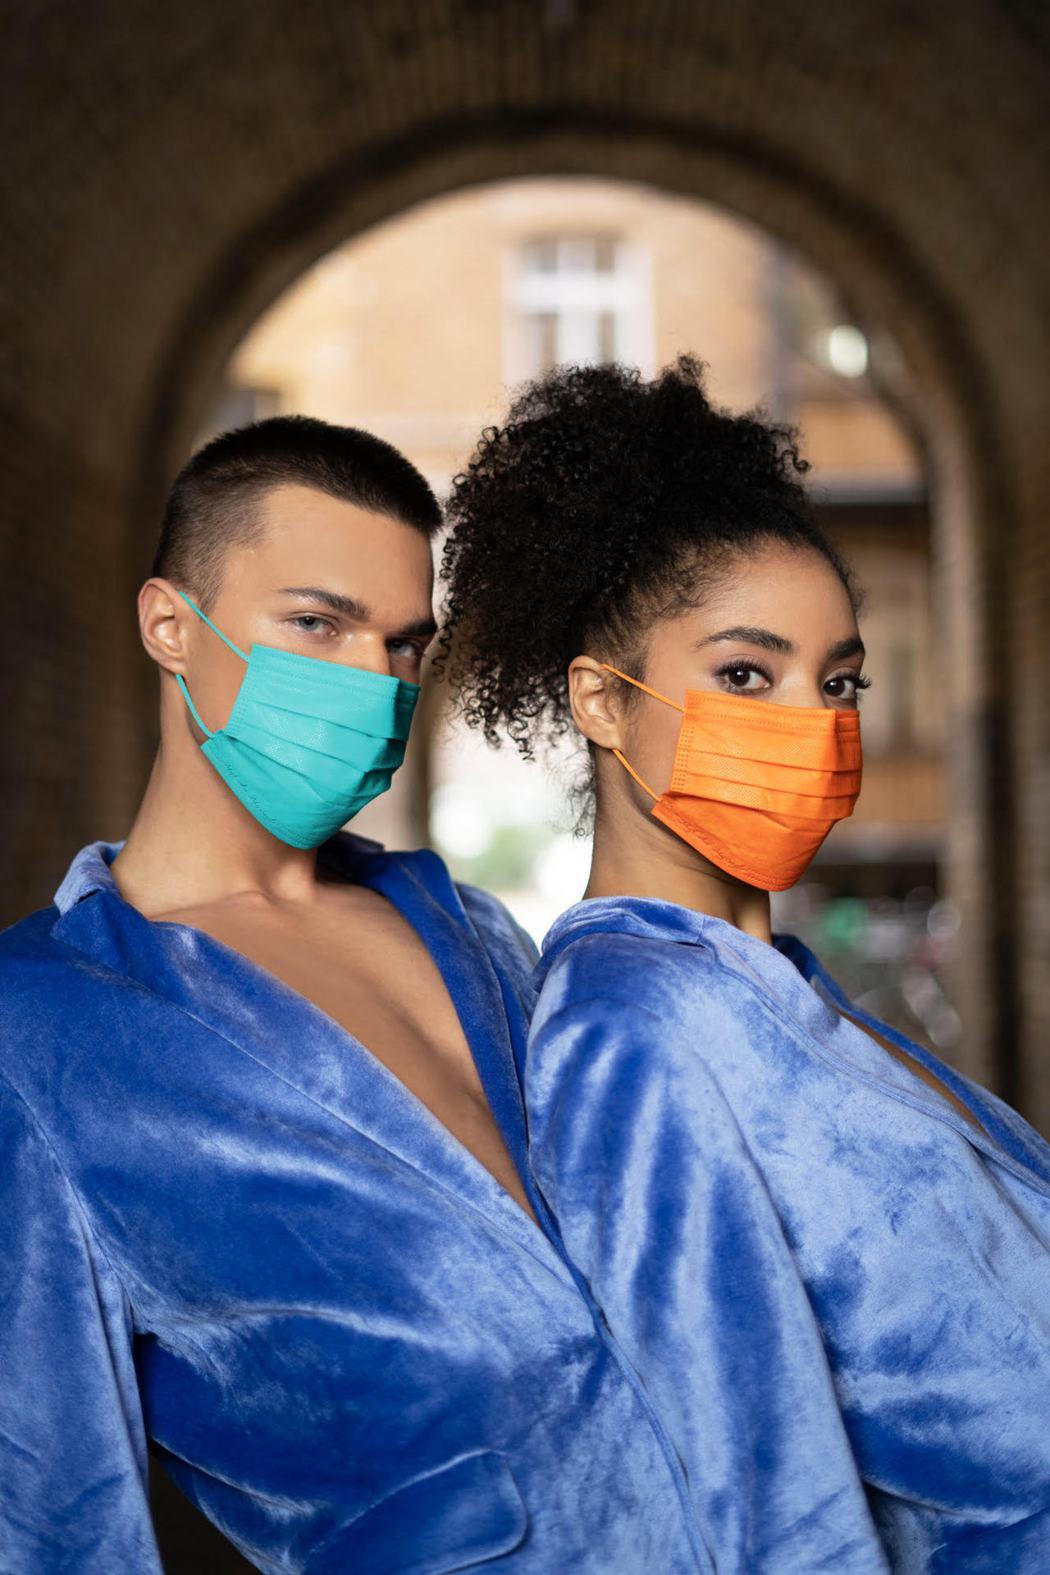 彩色口罩始祖-CSD中衛擁有30多種各色口罩,其中月河藍、潮橘,不僅被消費者譽為...